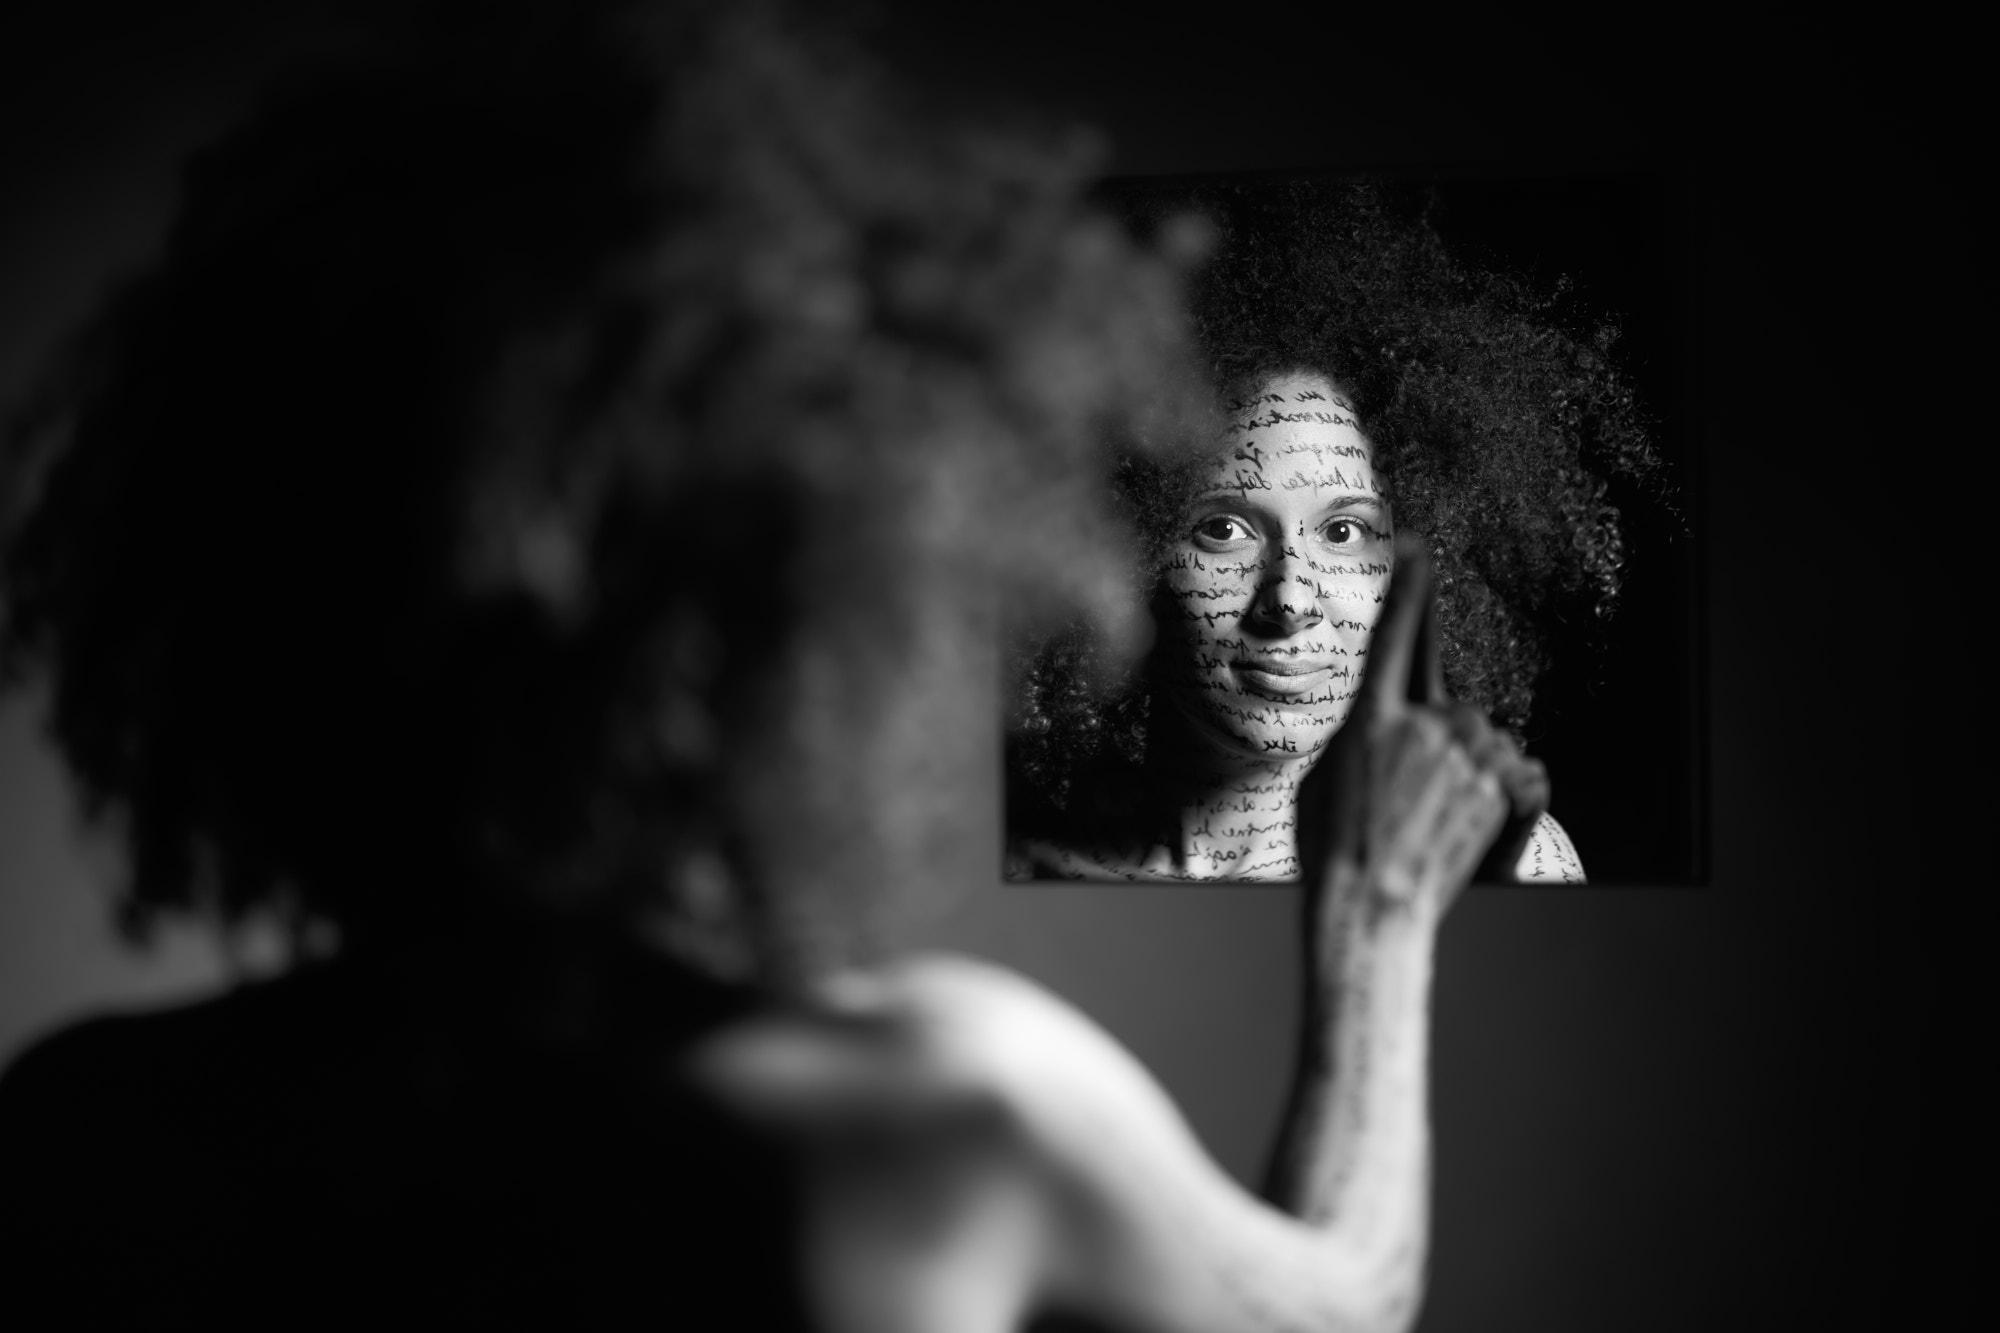 Une femme de dos qui regarde dans un miroir, écriture sur le corps